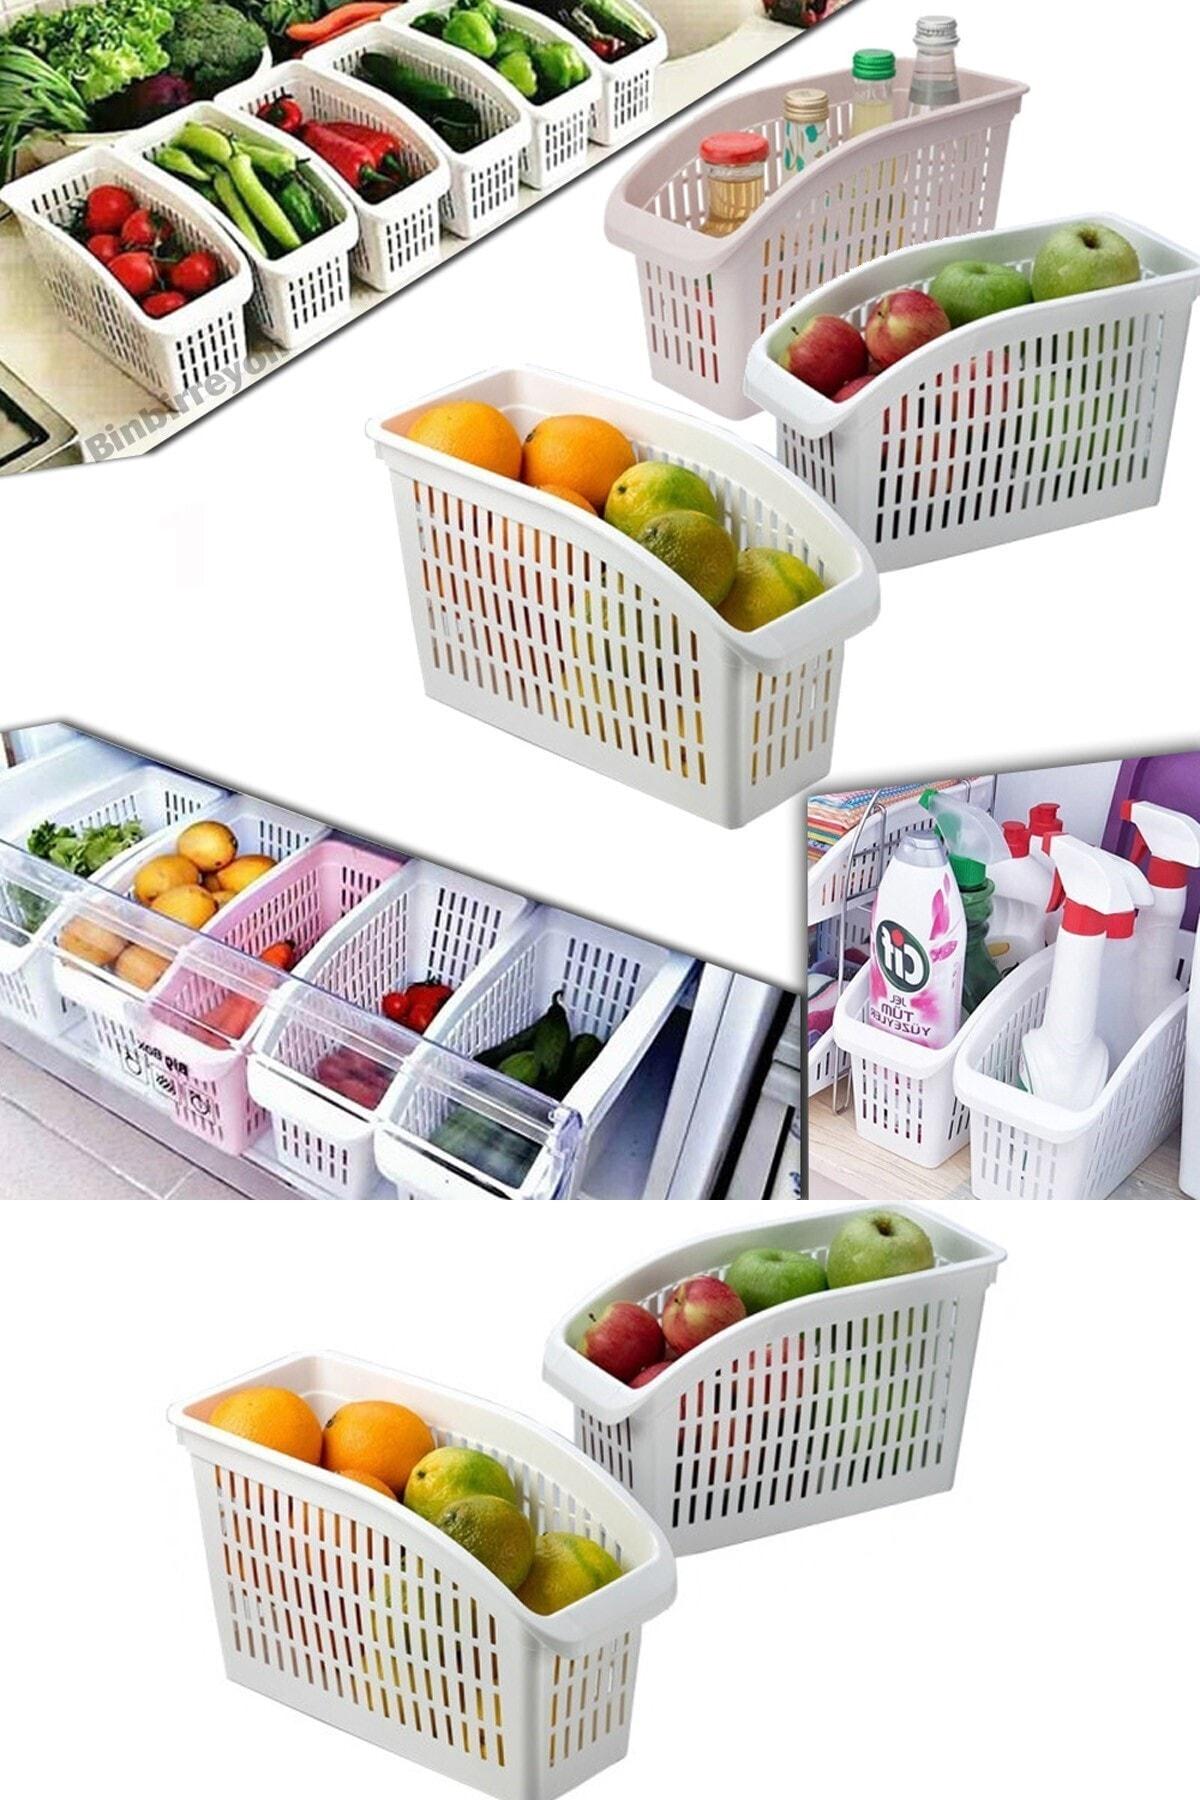 Meleni Home 5'li Buzdolabı Içi Düzenleyici Sebze Meyve Düzenleyici Dolap Içi Organizer 1